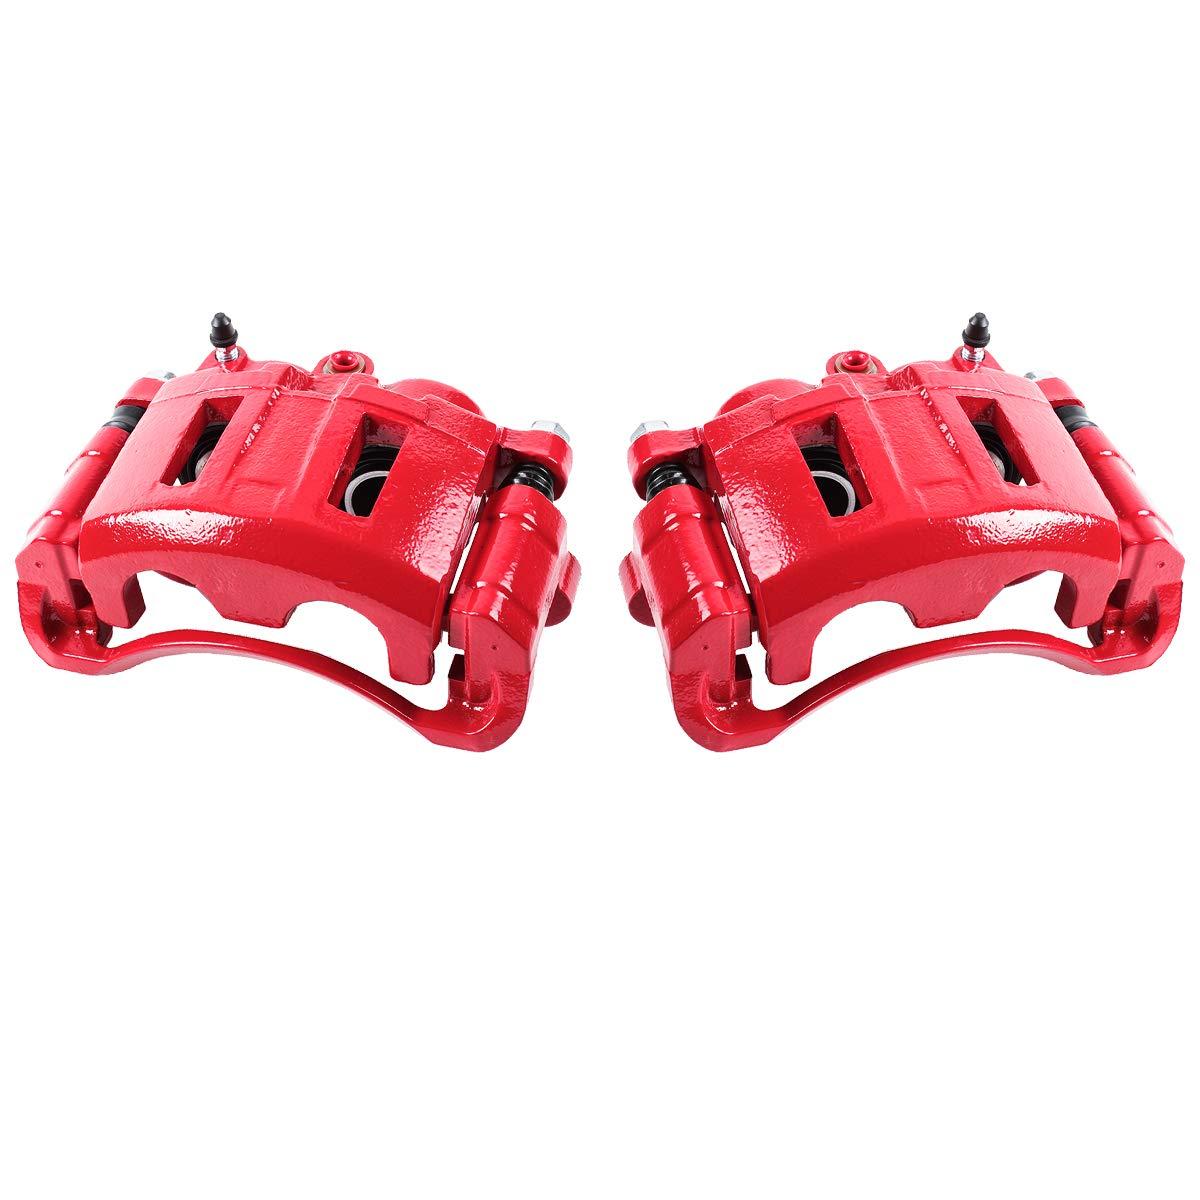 Callahan CCK03824 [2] FRONT Premium Semi-Loaded Red Coated Caliper Pair + Hardware Brake Kit Callahan Brake Parts